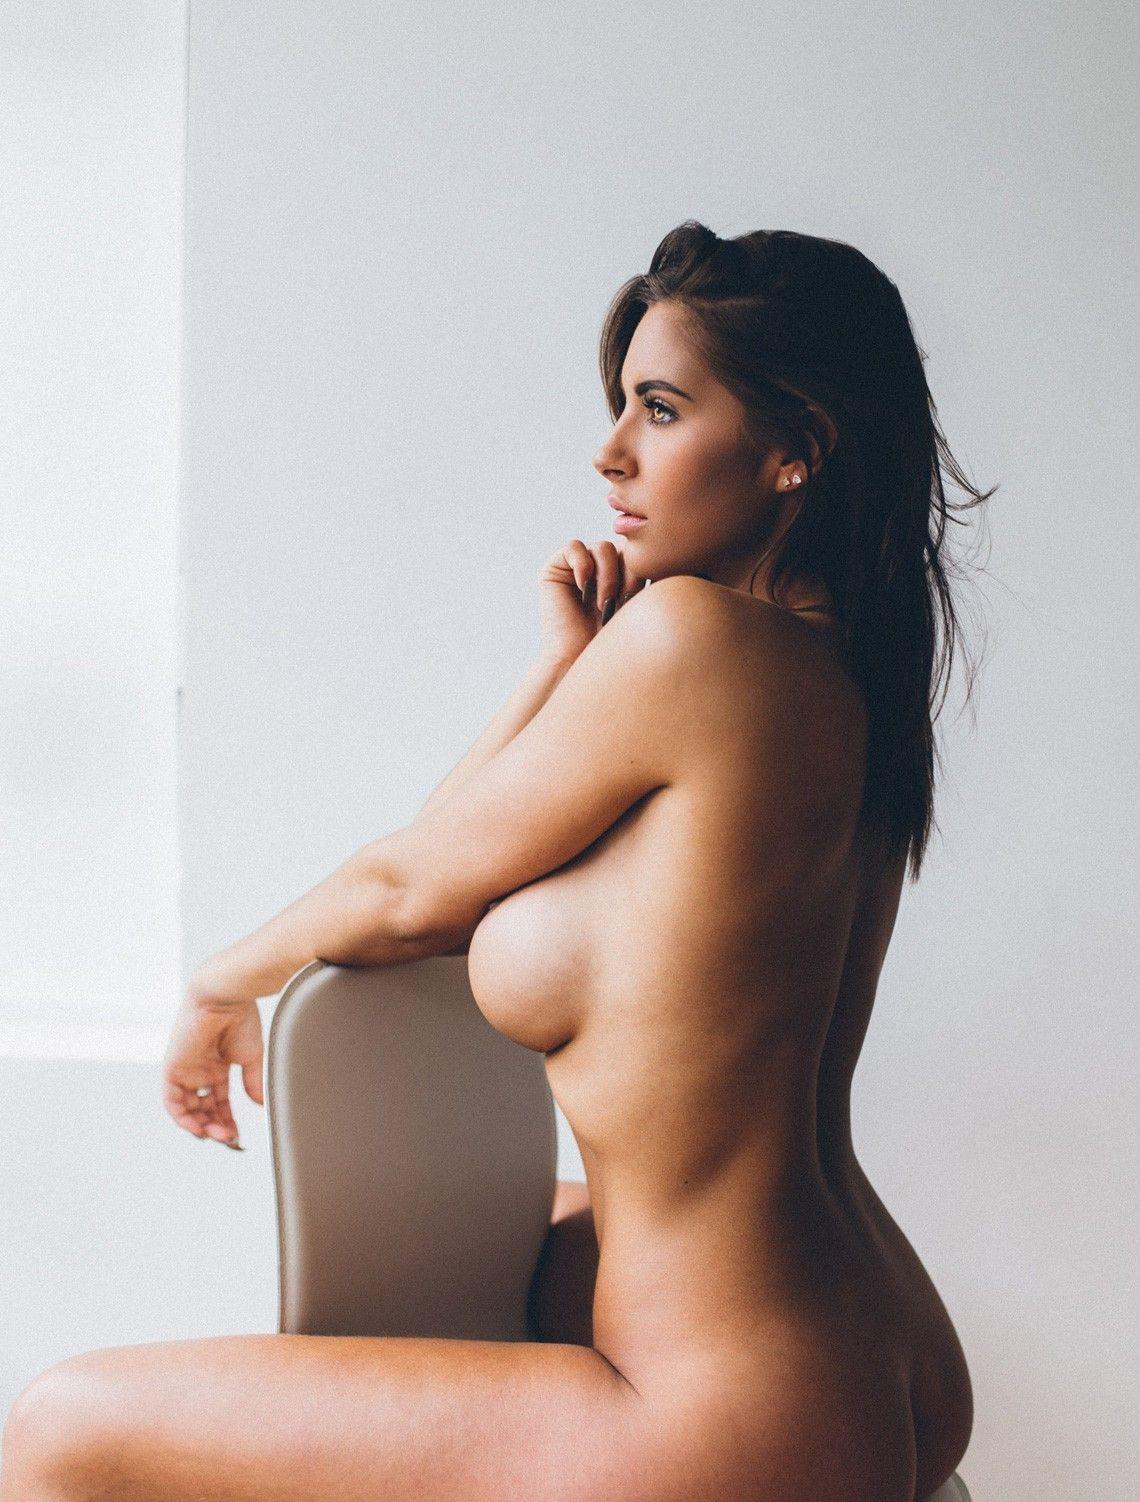 foto porno putri violla